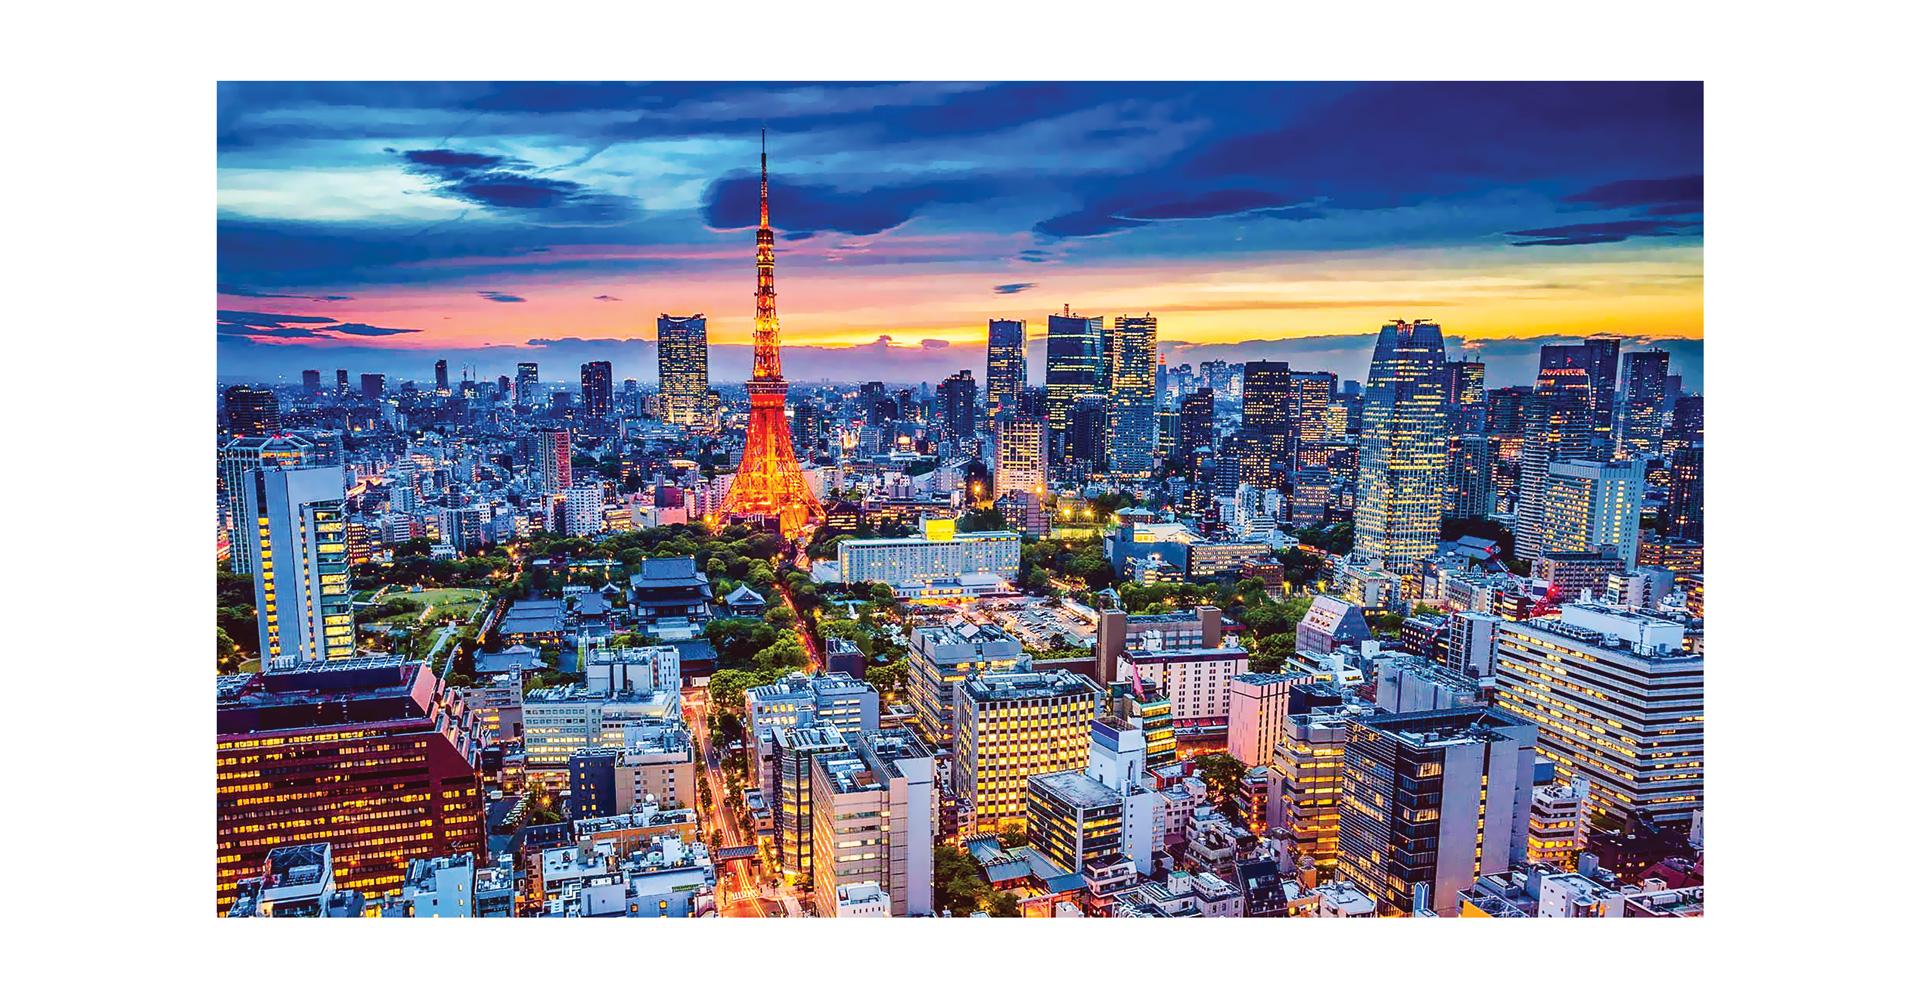 Những khu phố  độc đáo và hiện đại tại Tokyo ảnh 5